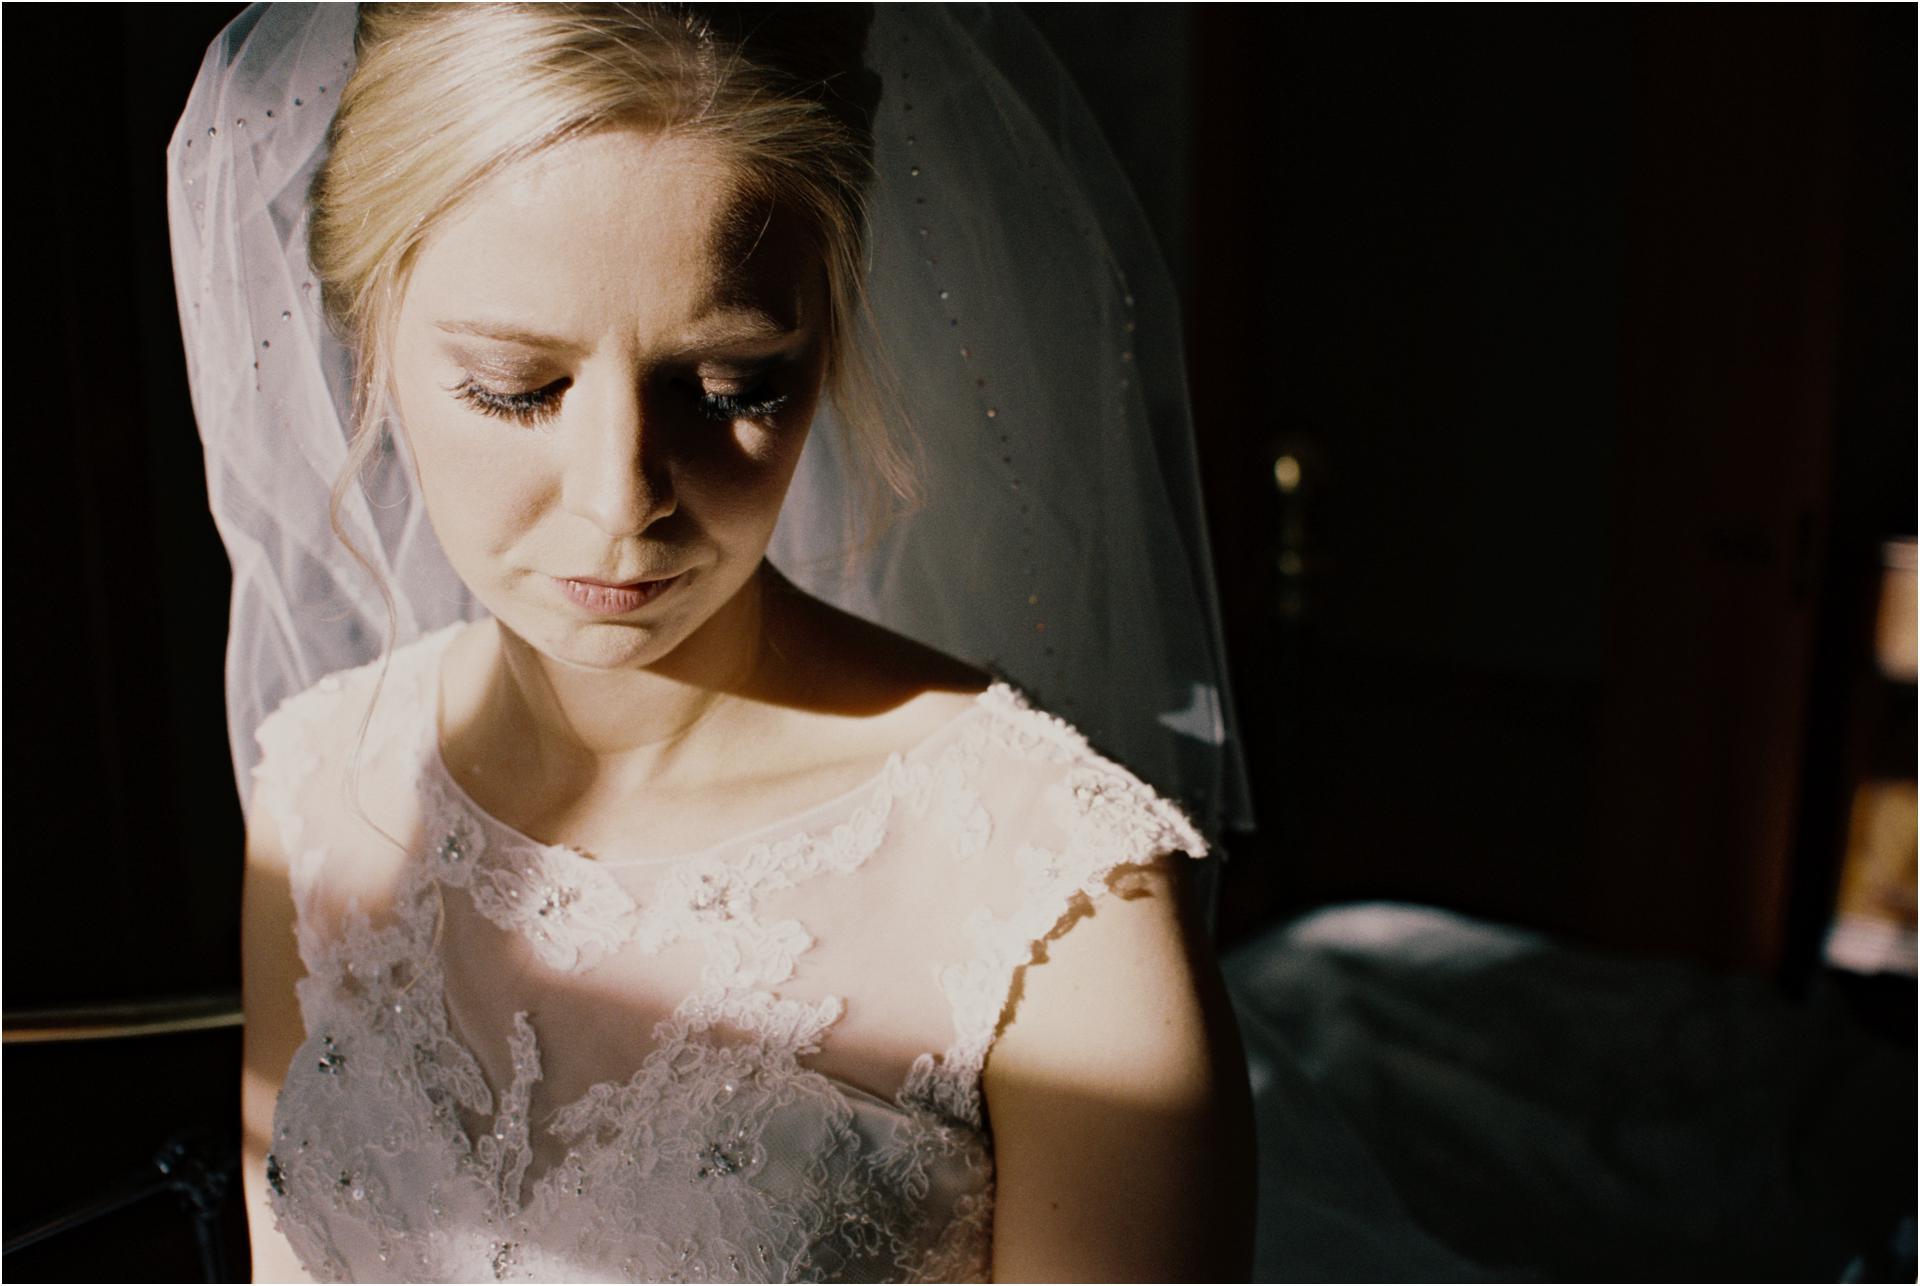 weddingsonfilmphotosbyzoe7